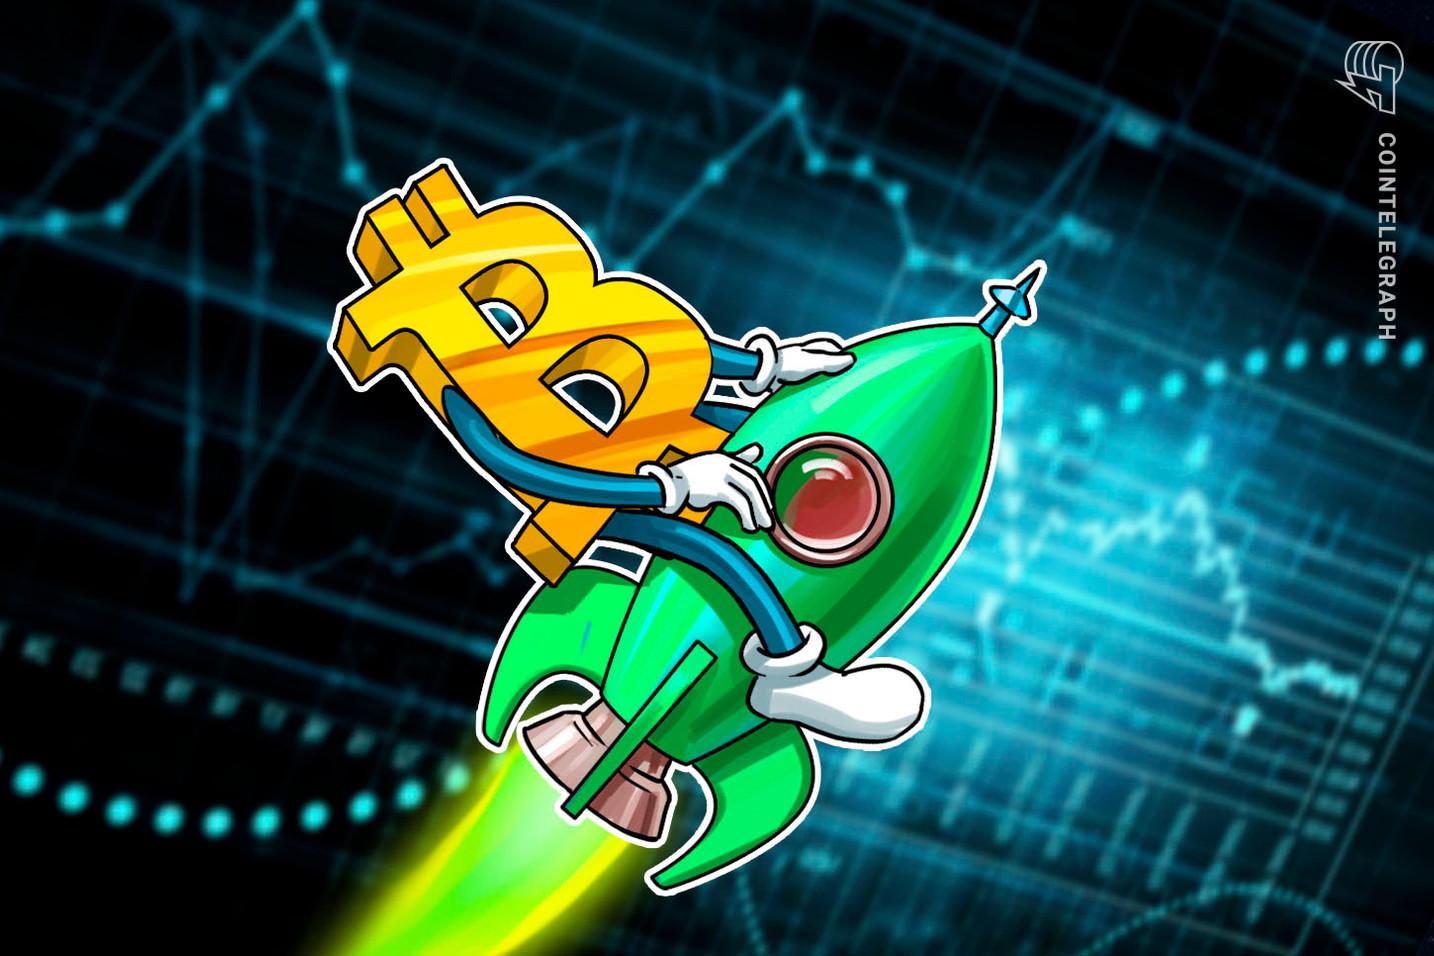 Qual a probabilidade do volume de negociação de Bitcoin atingir US$ 1 trilhão por dia até 2025?